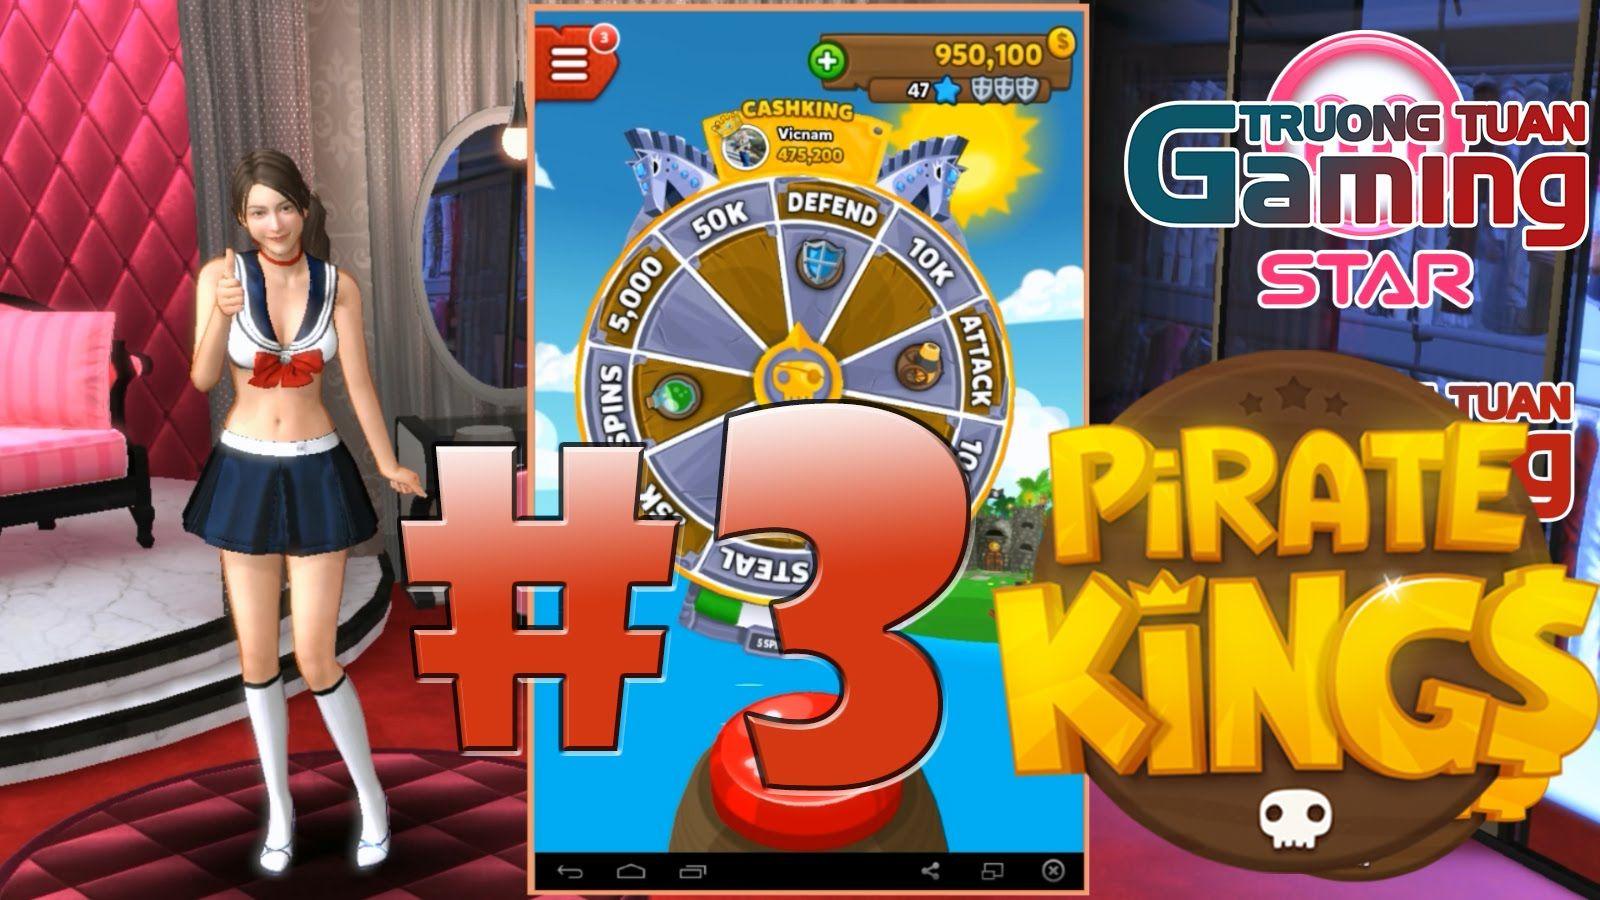 Pirate kings gameplay walkthrough 3